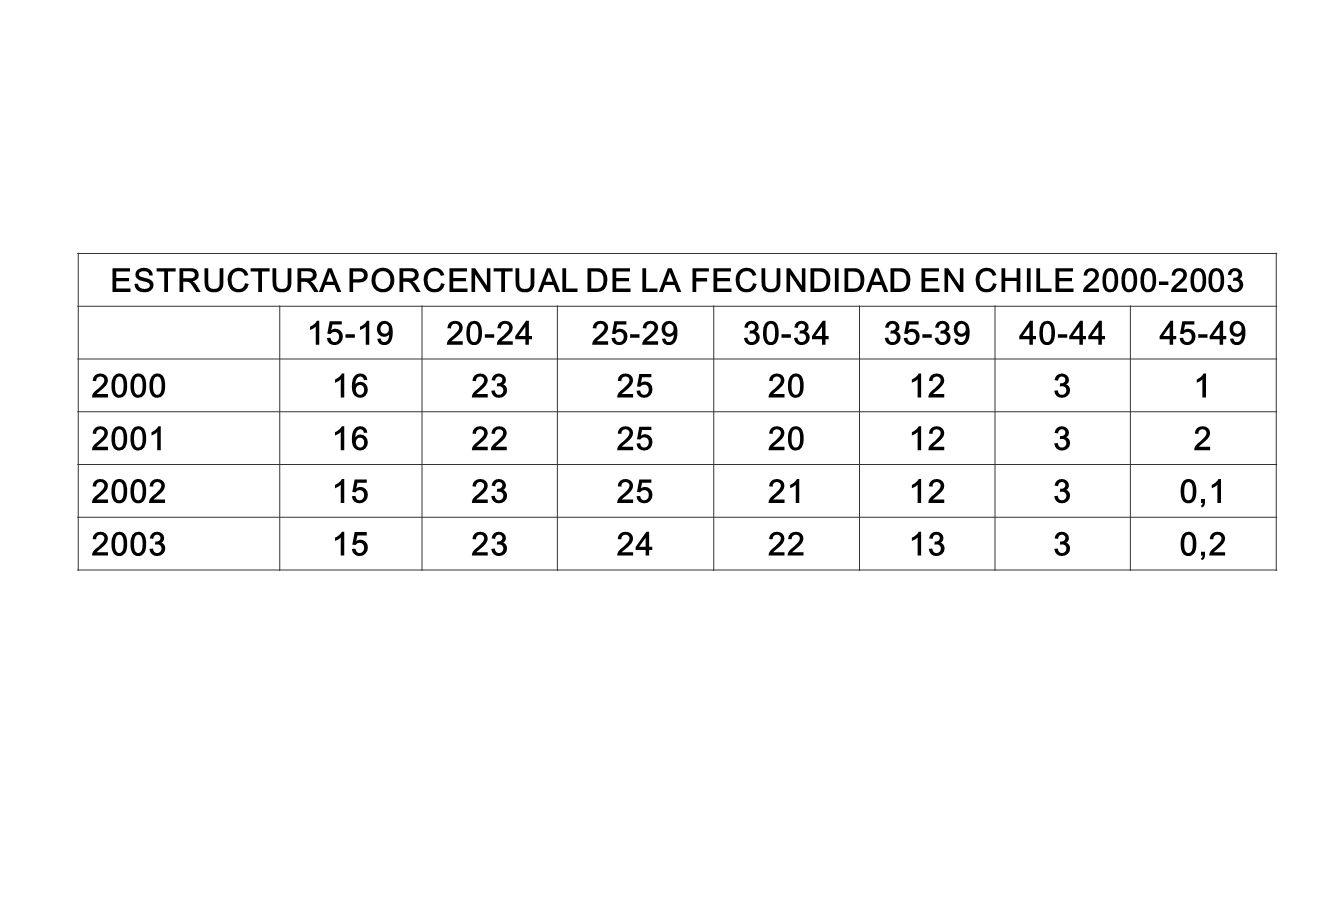 ESTRUCTURA PORCENTUAL DE LA FECUNDIDAD EN CHILE 2000-2003